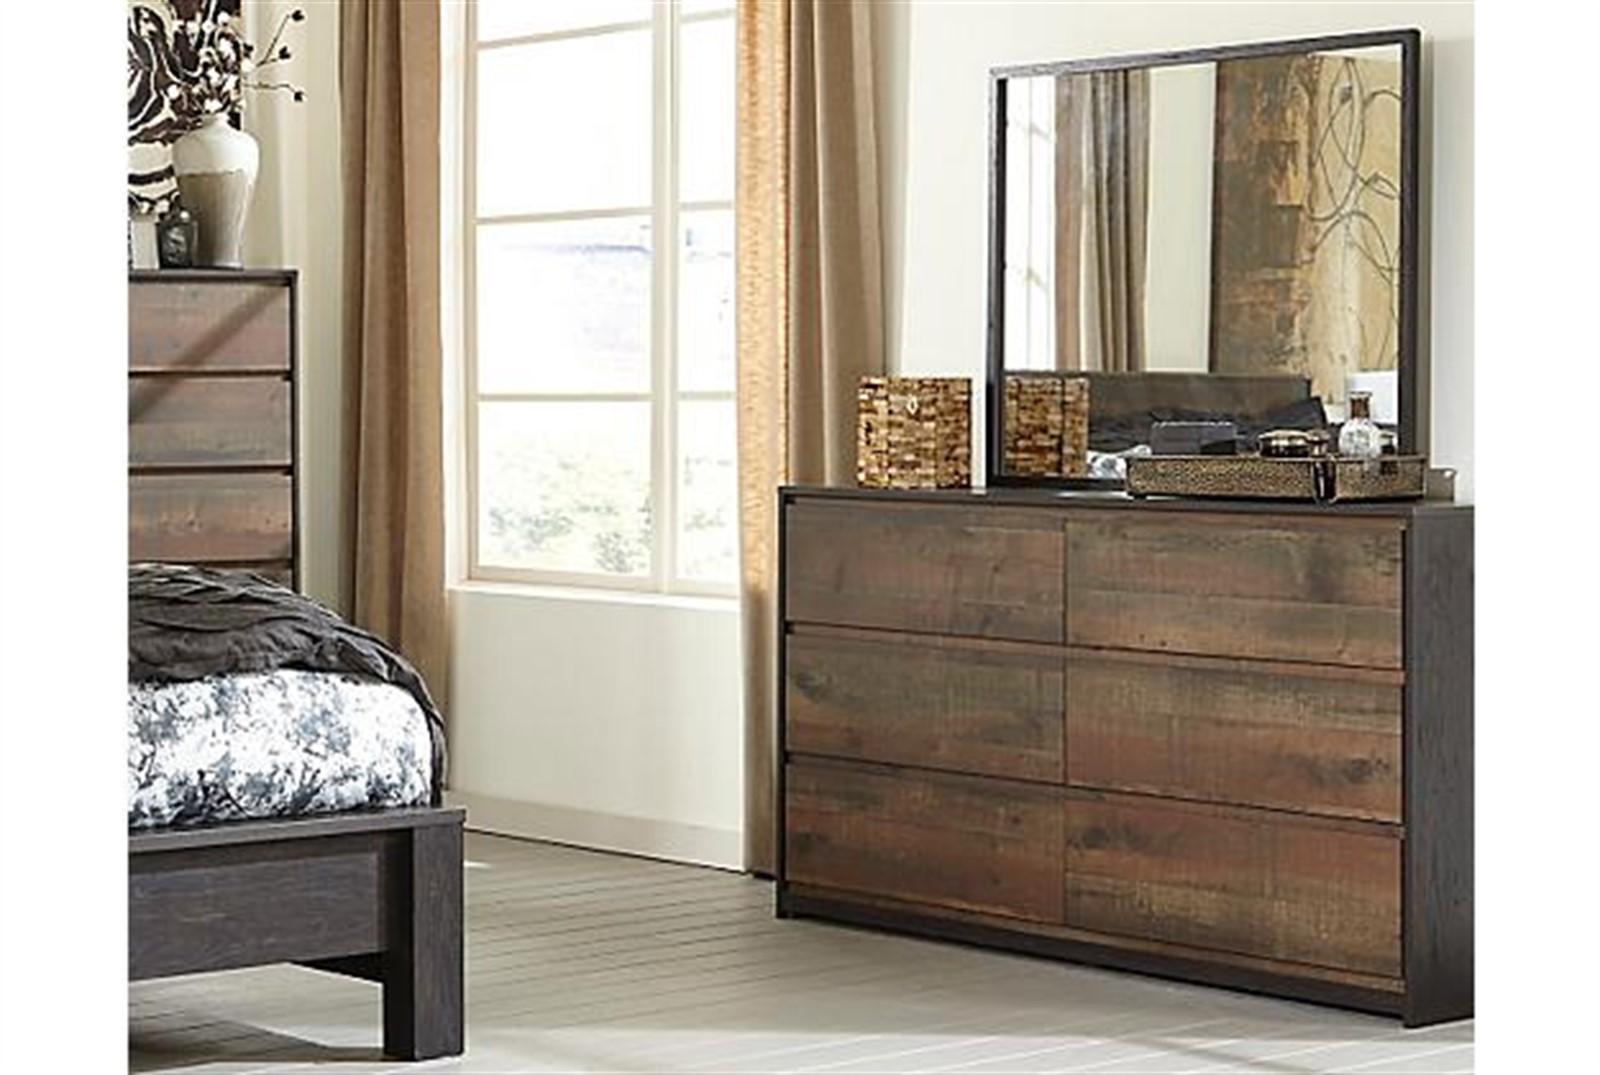 Windlore Dresser and Mirror Set - Dark Brown